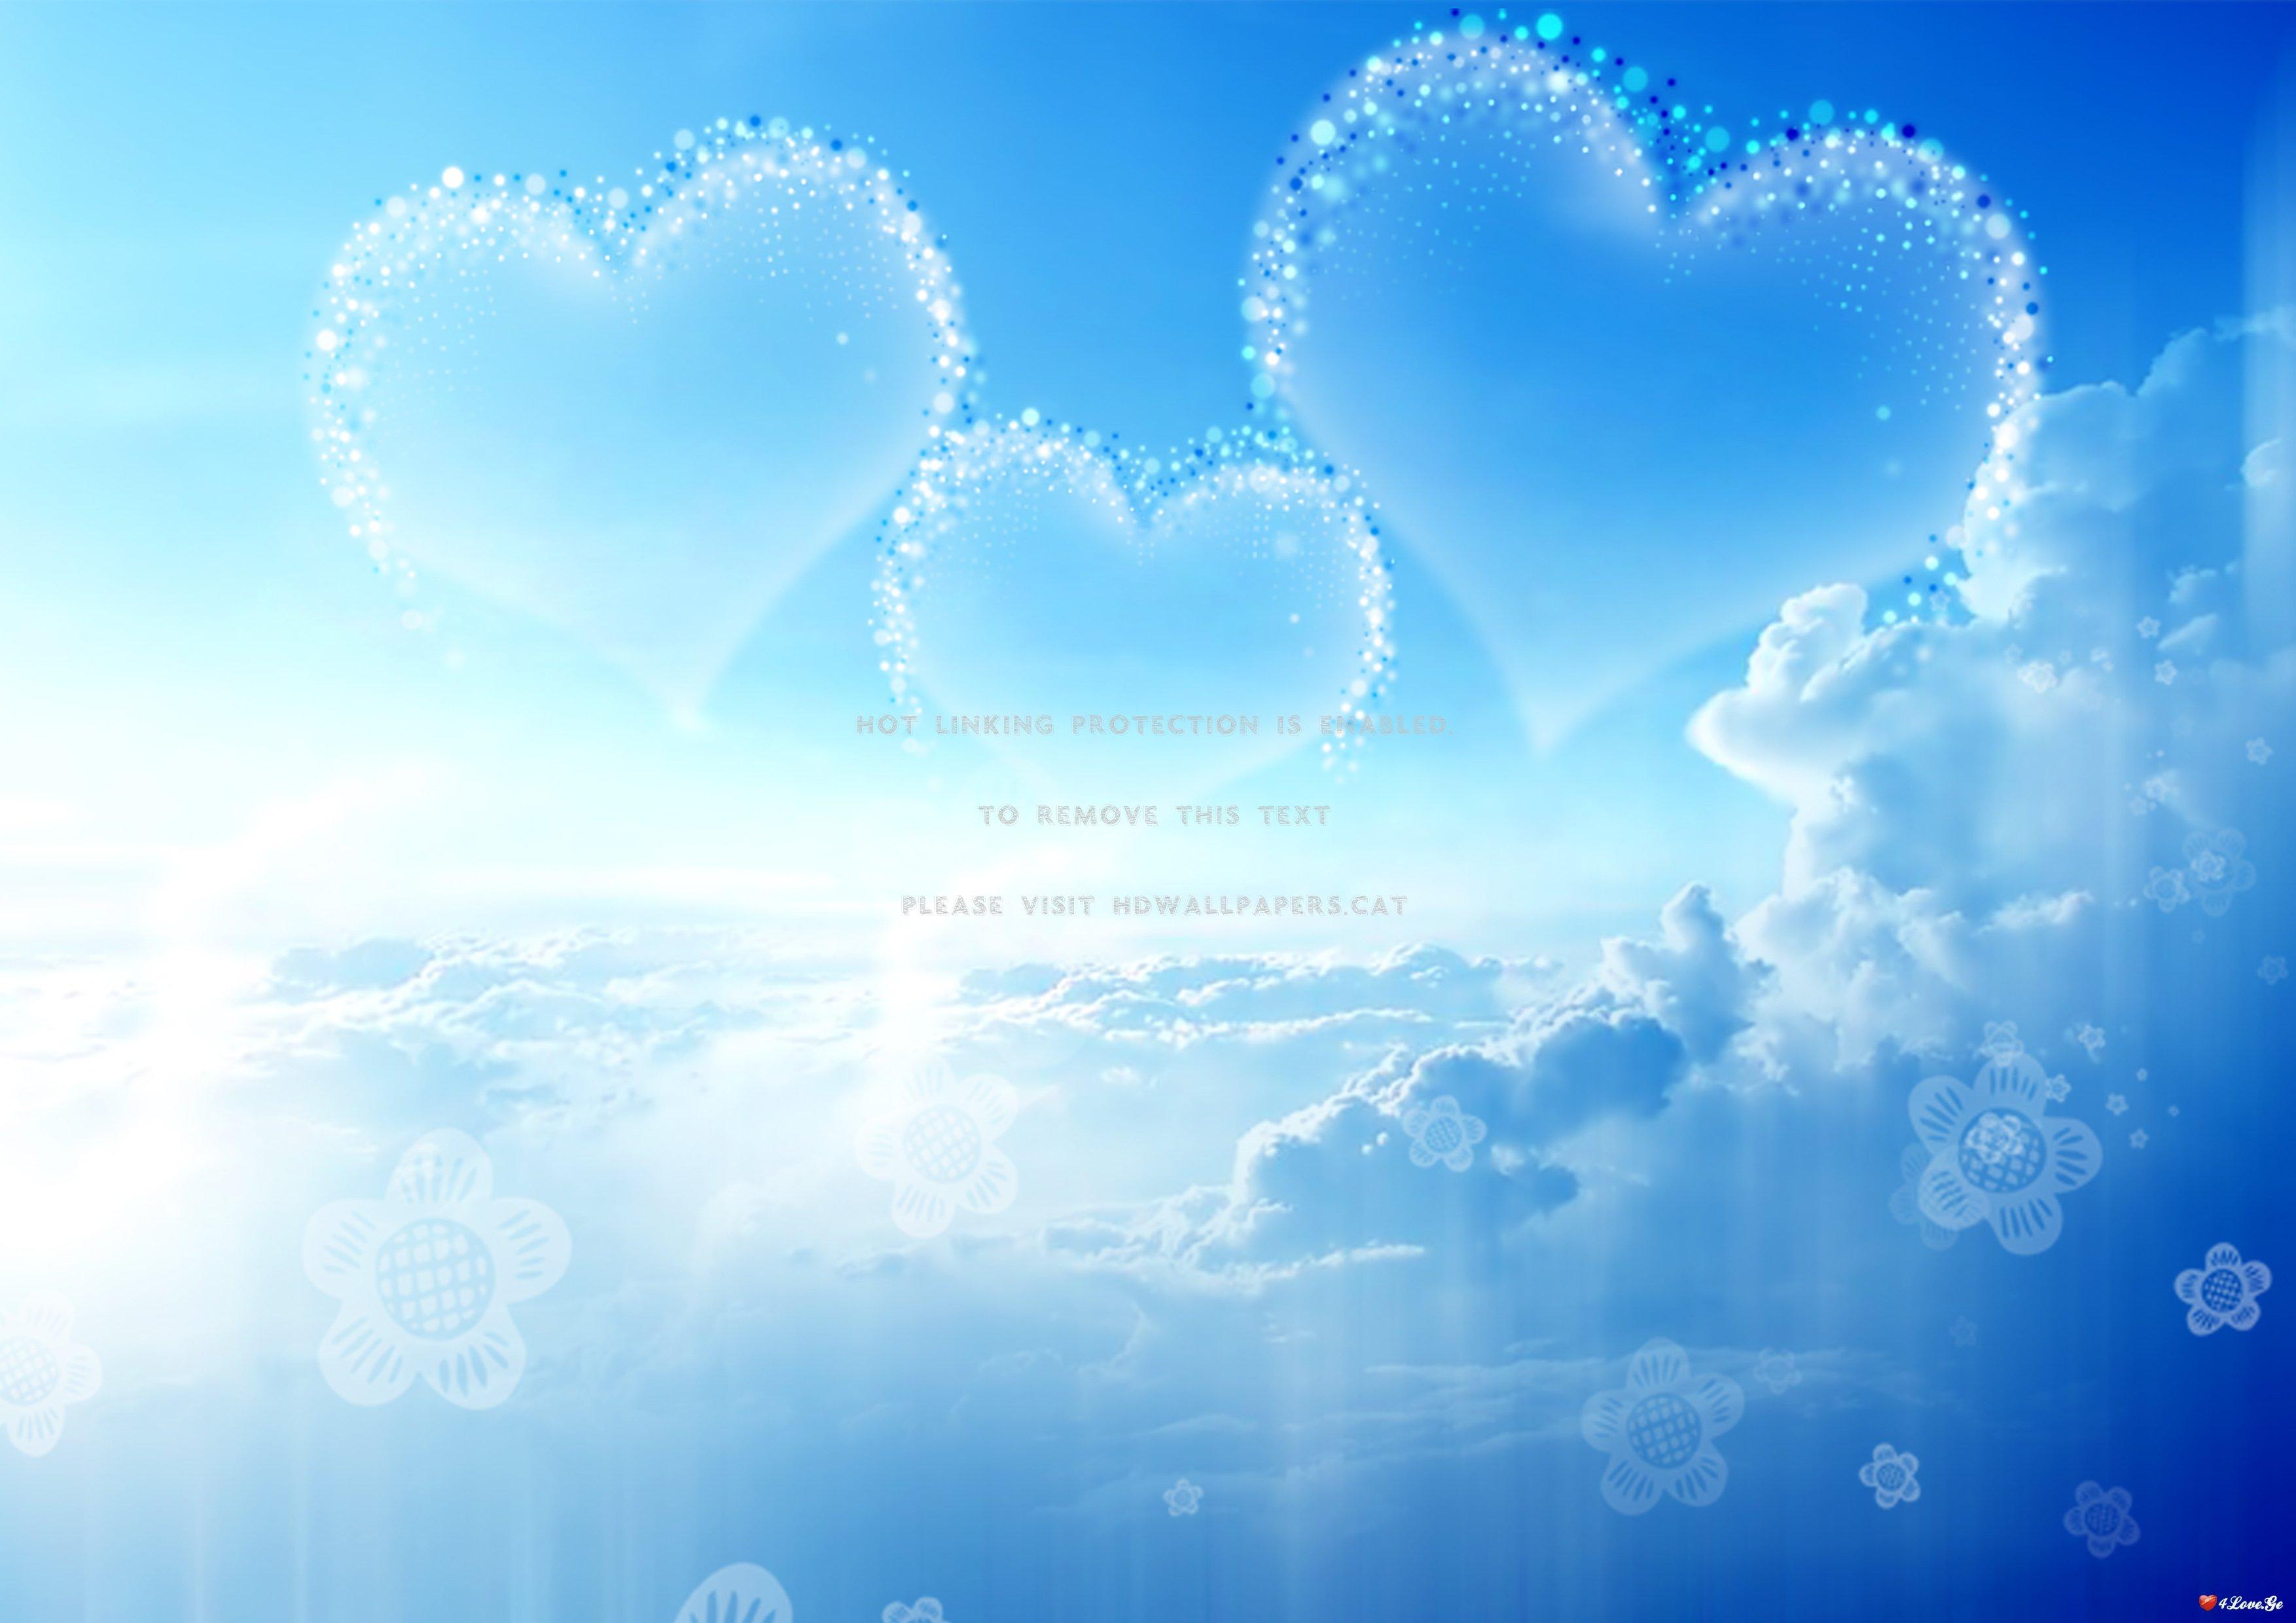 ვარდისფერი სიყვარული გალურჯდა...